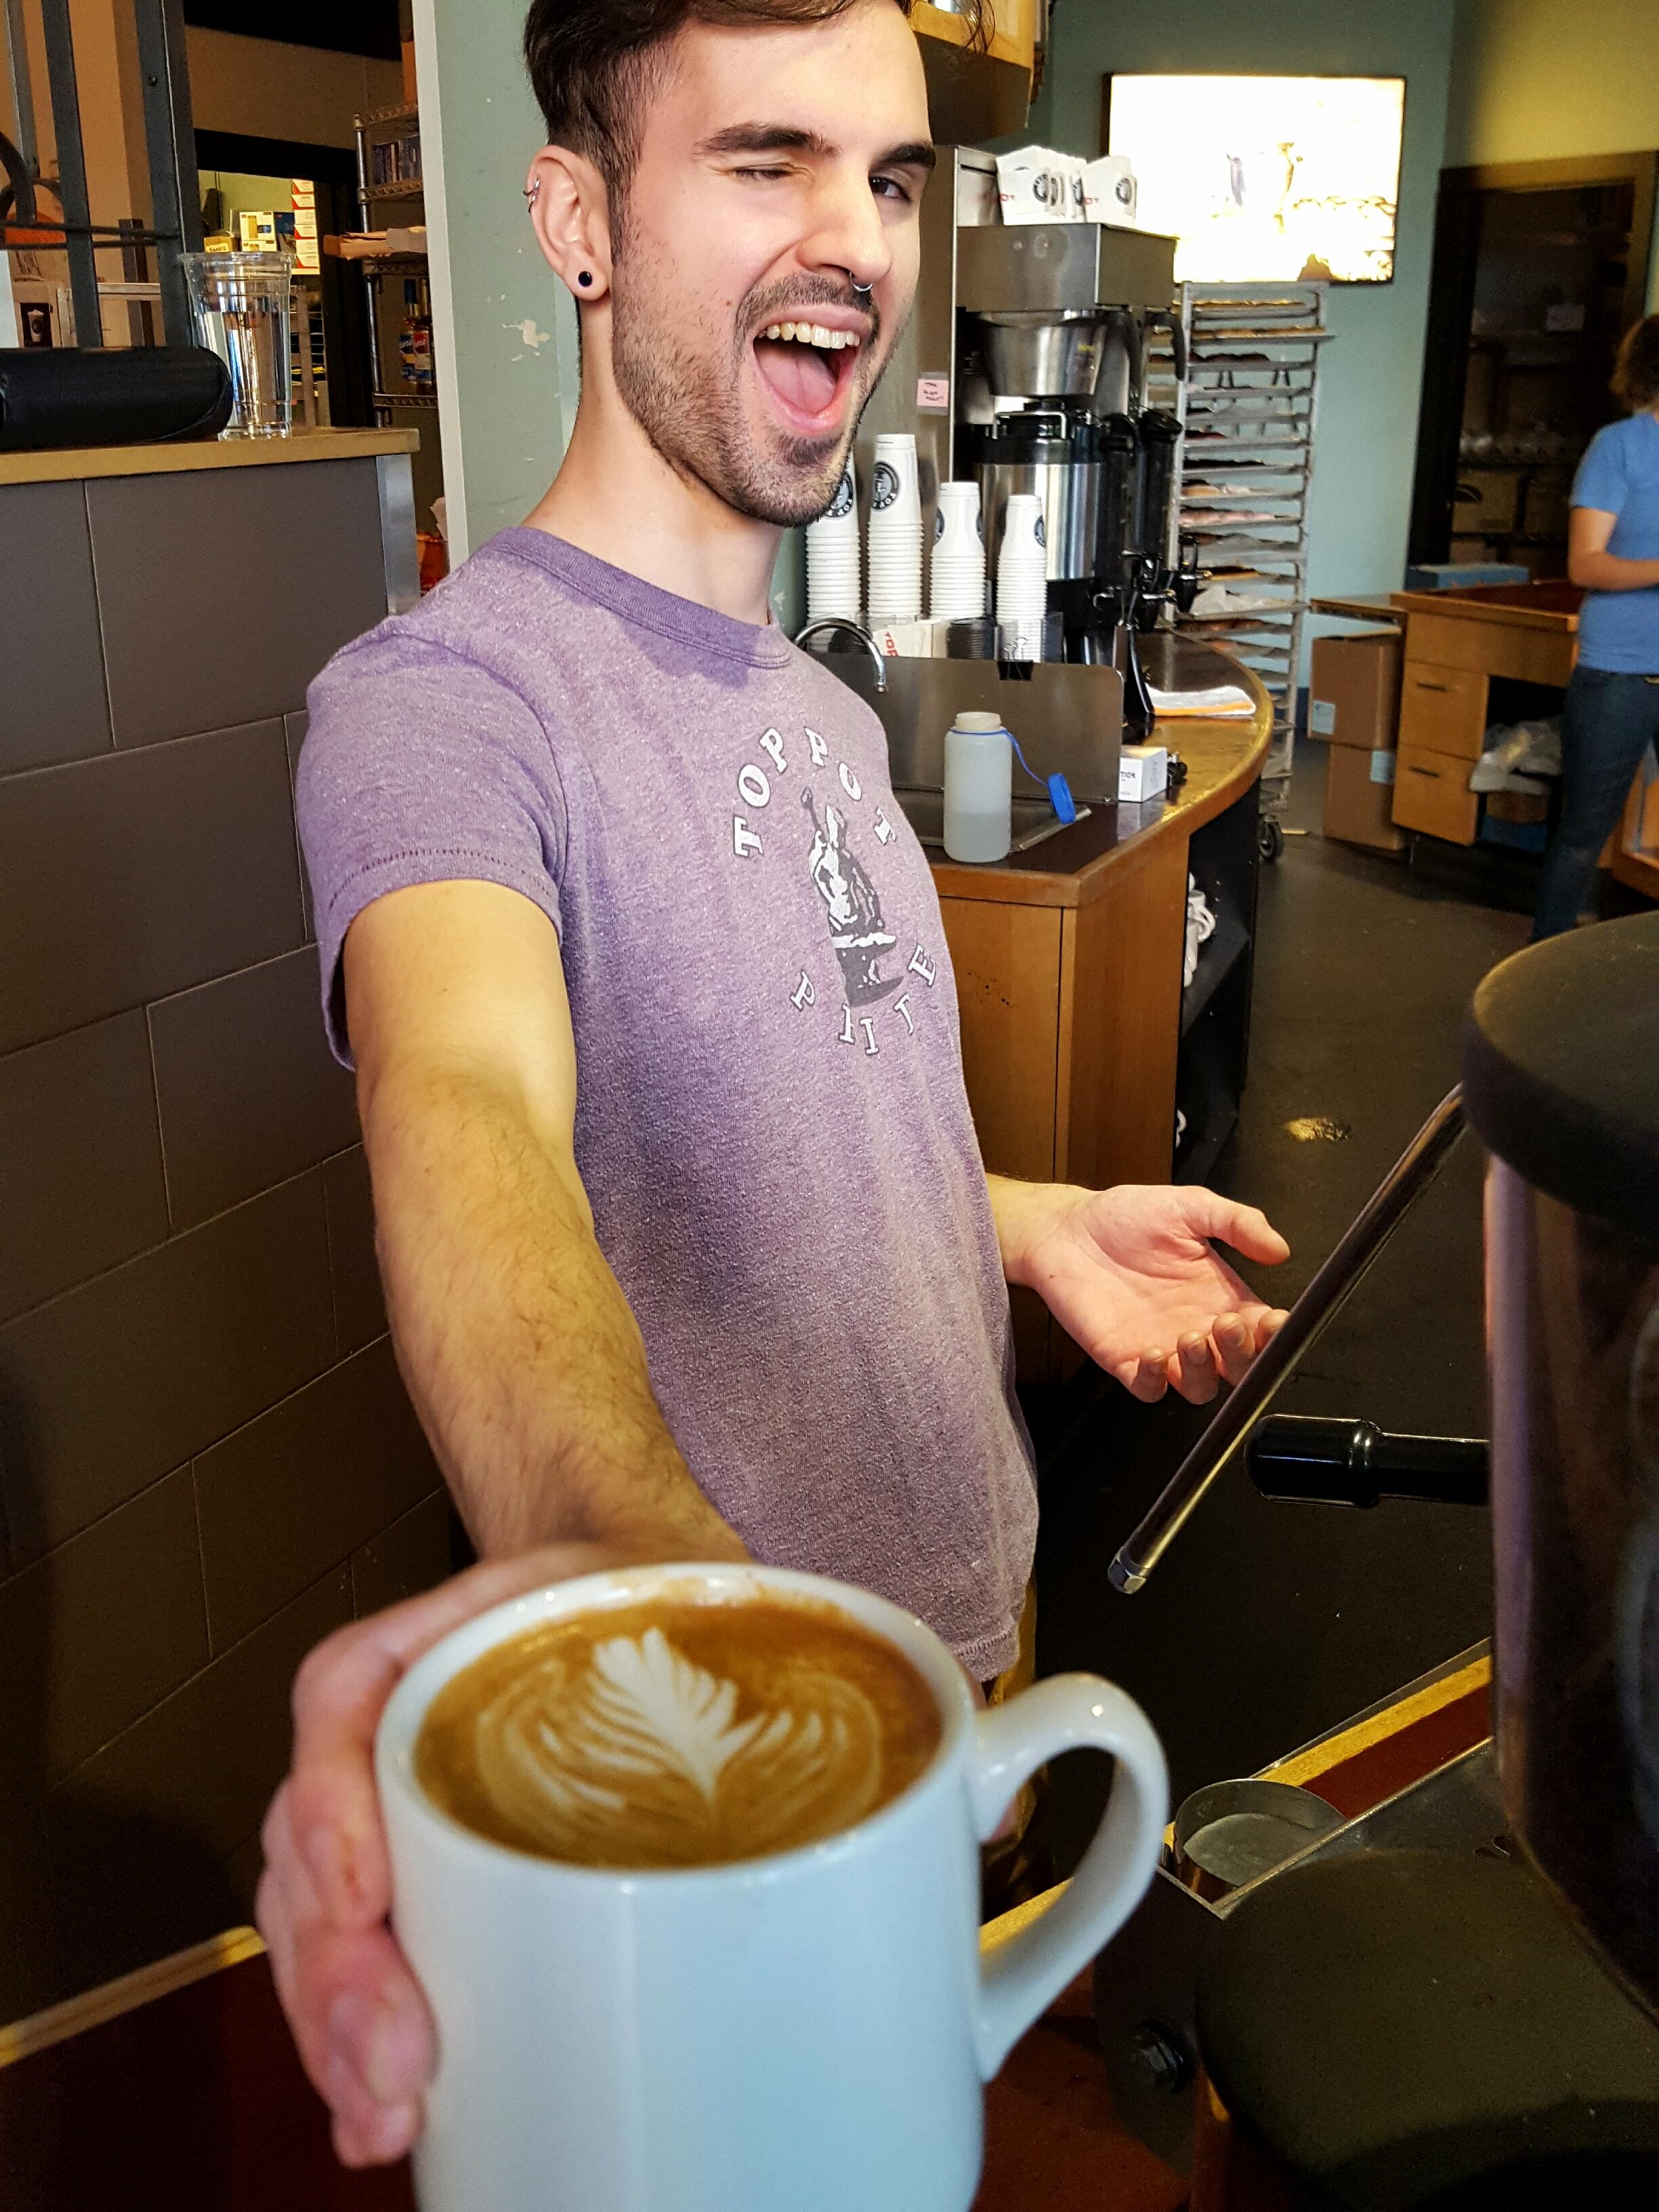 Top Pot barista Christopher smiles